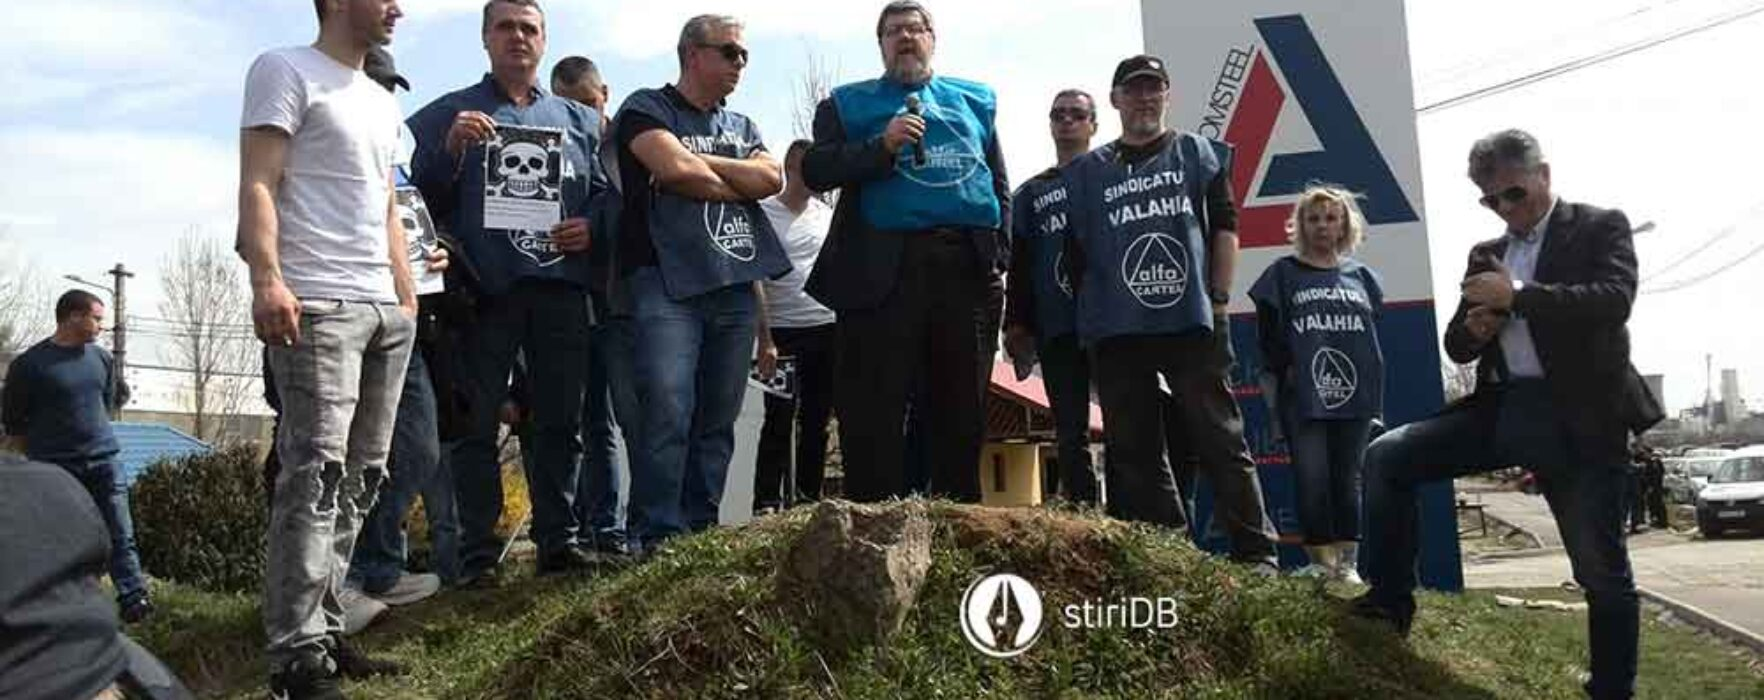 Târgovişte: Circa 200 de salariaţi ai Aso Cromsteel au protestat în faţa societăţii